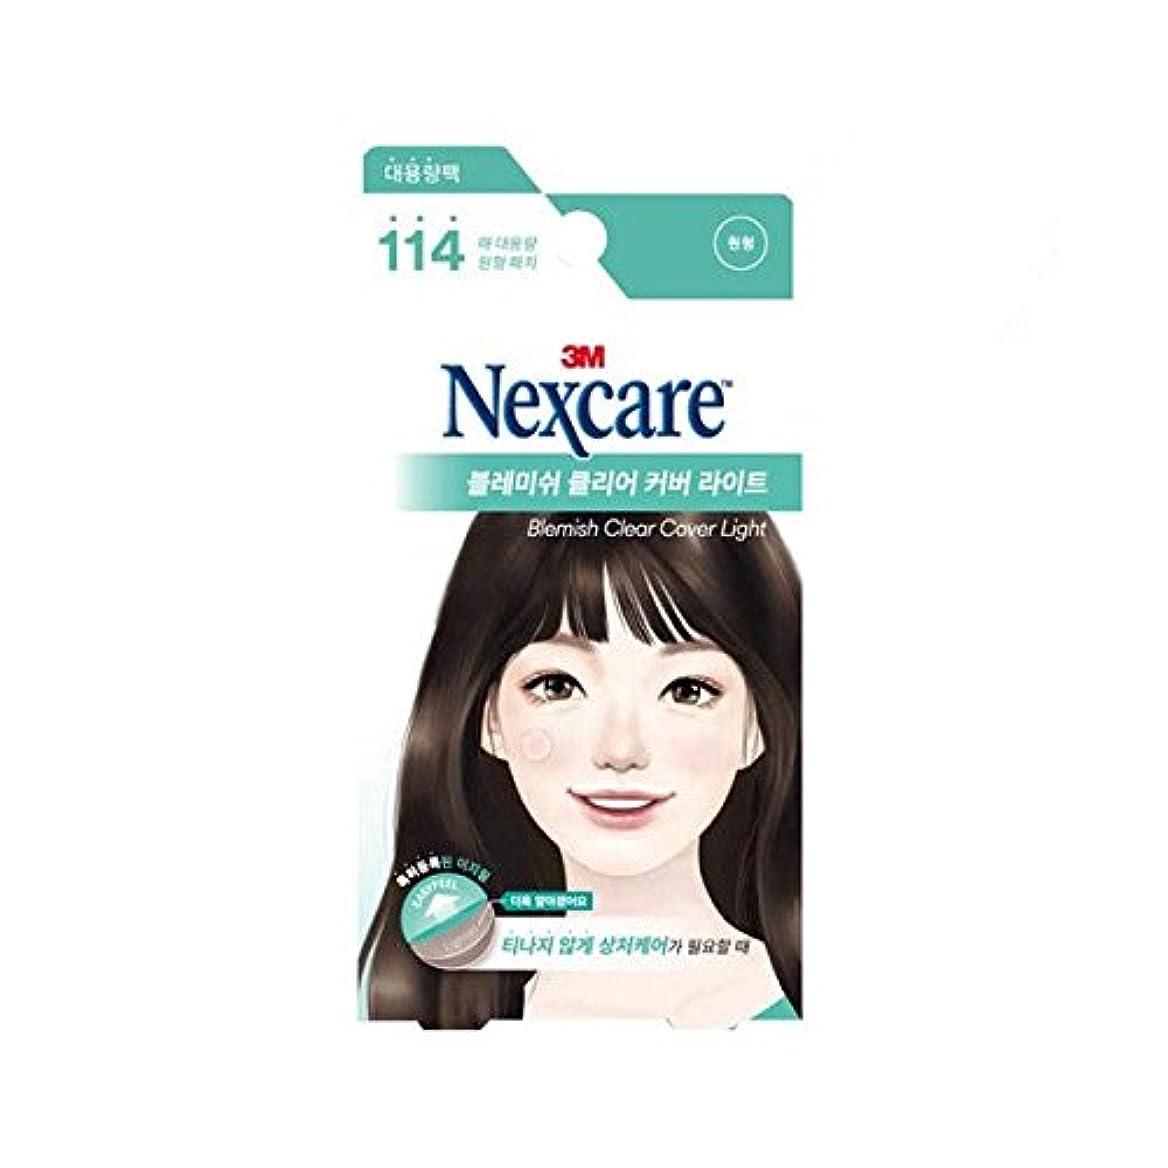 ボトルスキャン無効[New] 3M Nexcare Blemish Clear Cover Light Easy Peel 114 Patches/3M ネクスケア ブレミッシュ クリア カバー ライト イージー ピール 114パッチ入り...